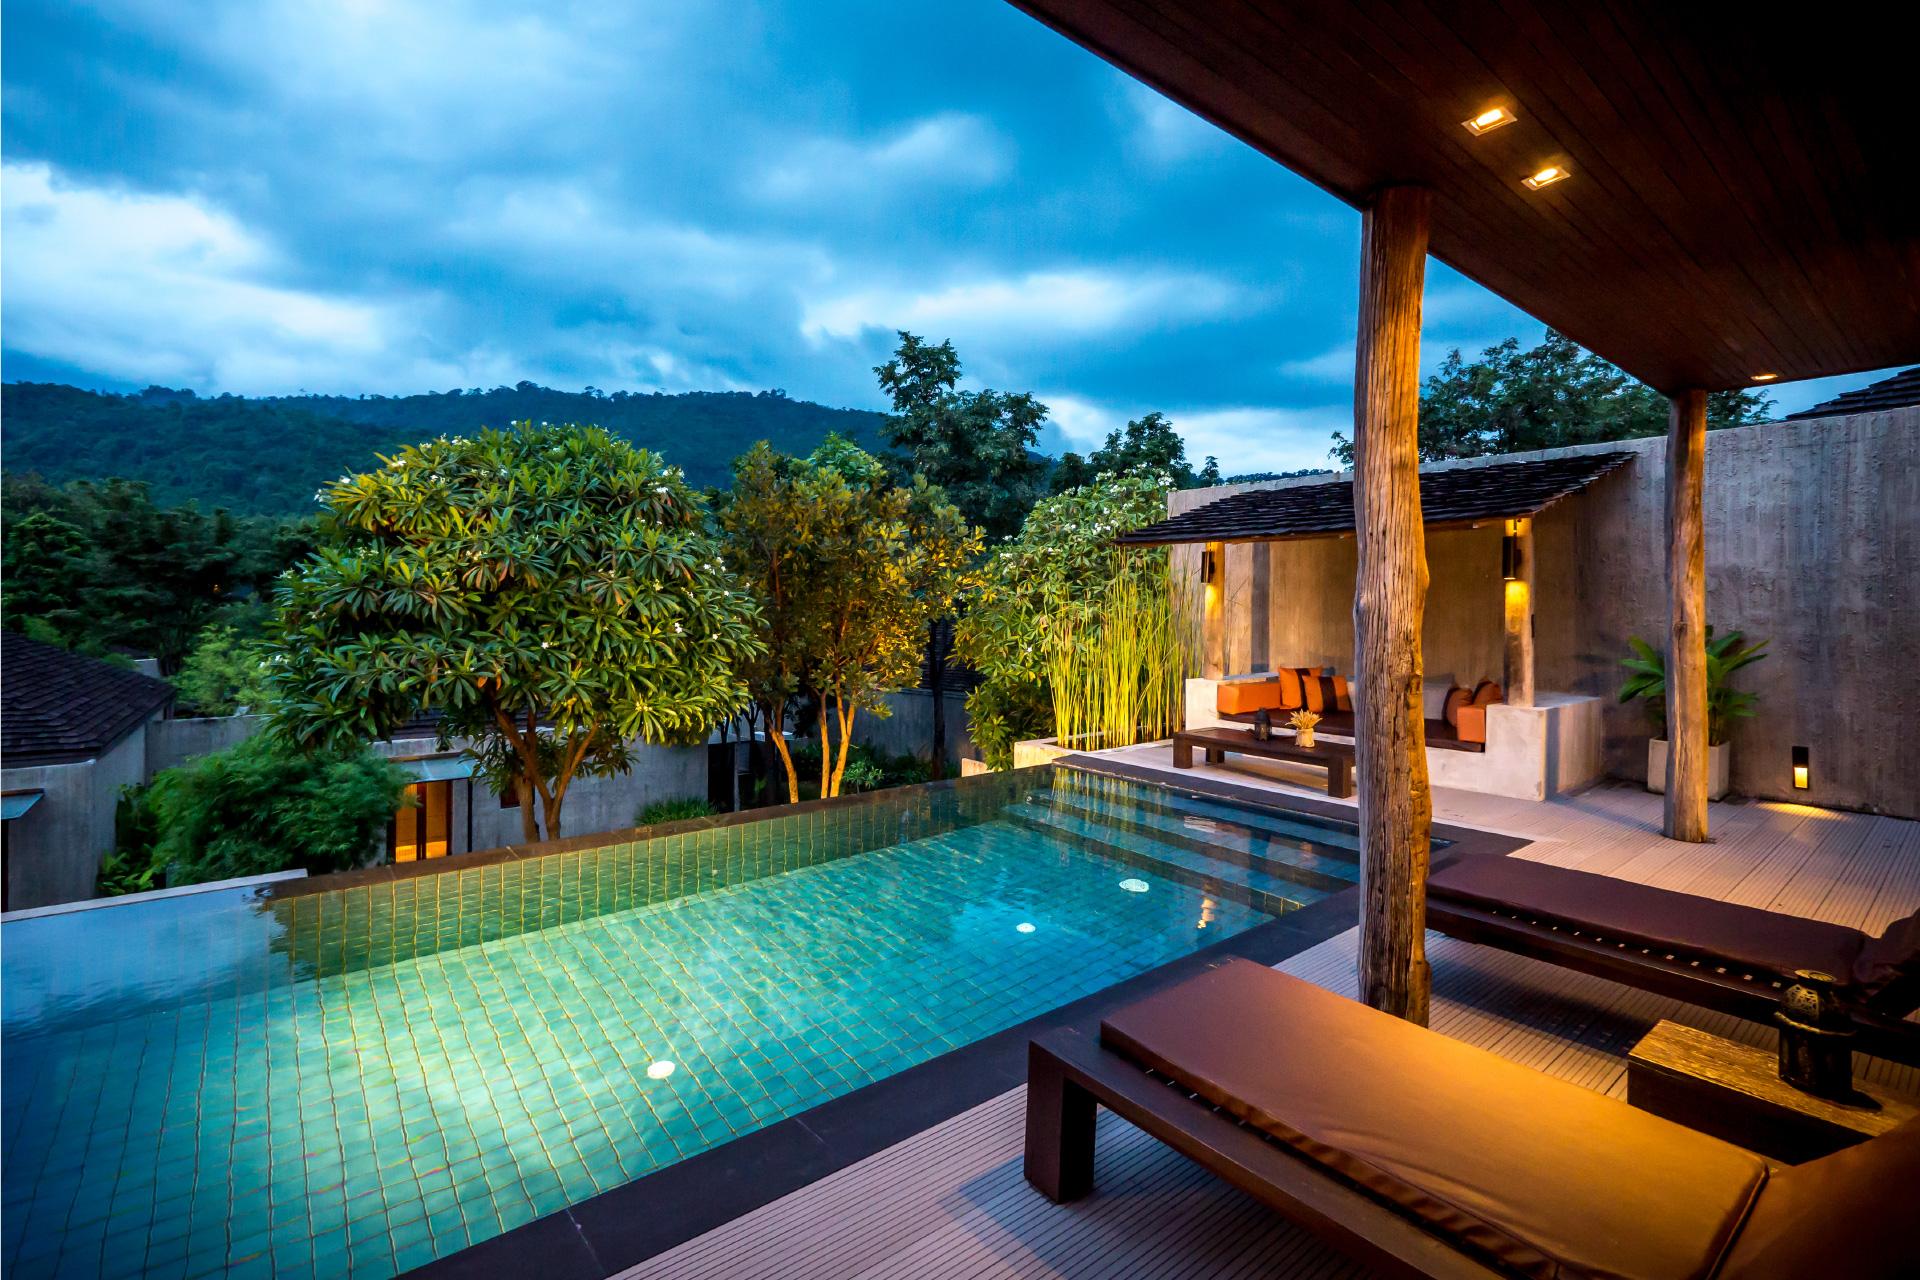 【泰國國旅】精選飯店:Muthi Maya Forest Pool Villa Resort – Khao Yai 考艾五星級穆迪瑪雅森林泳池別墅度假村